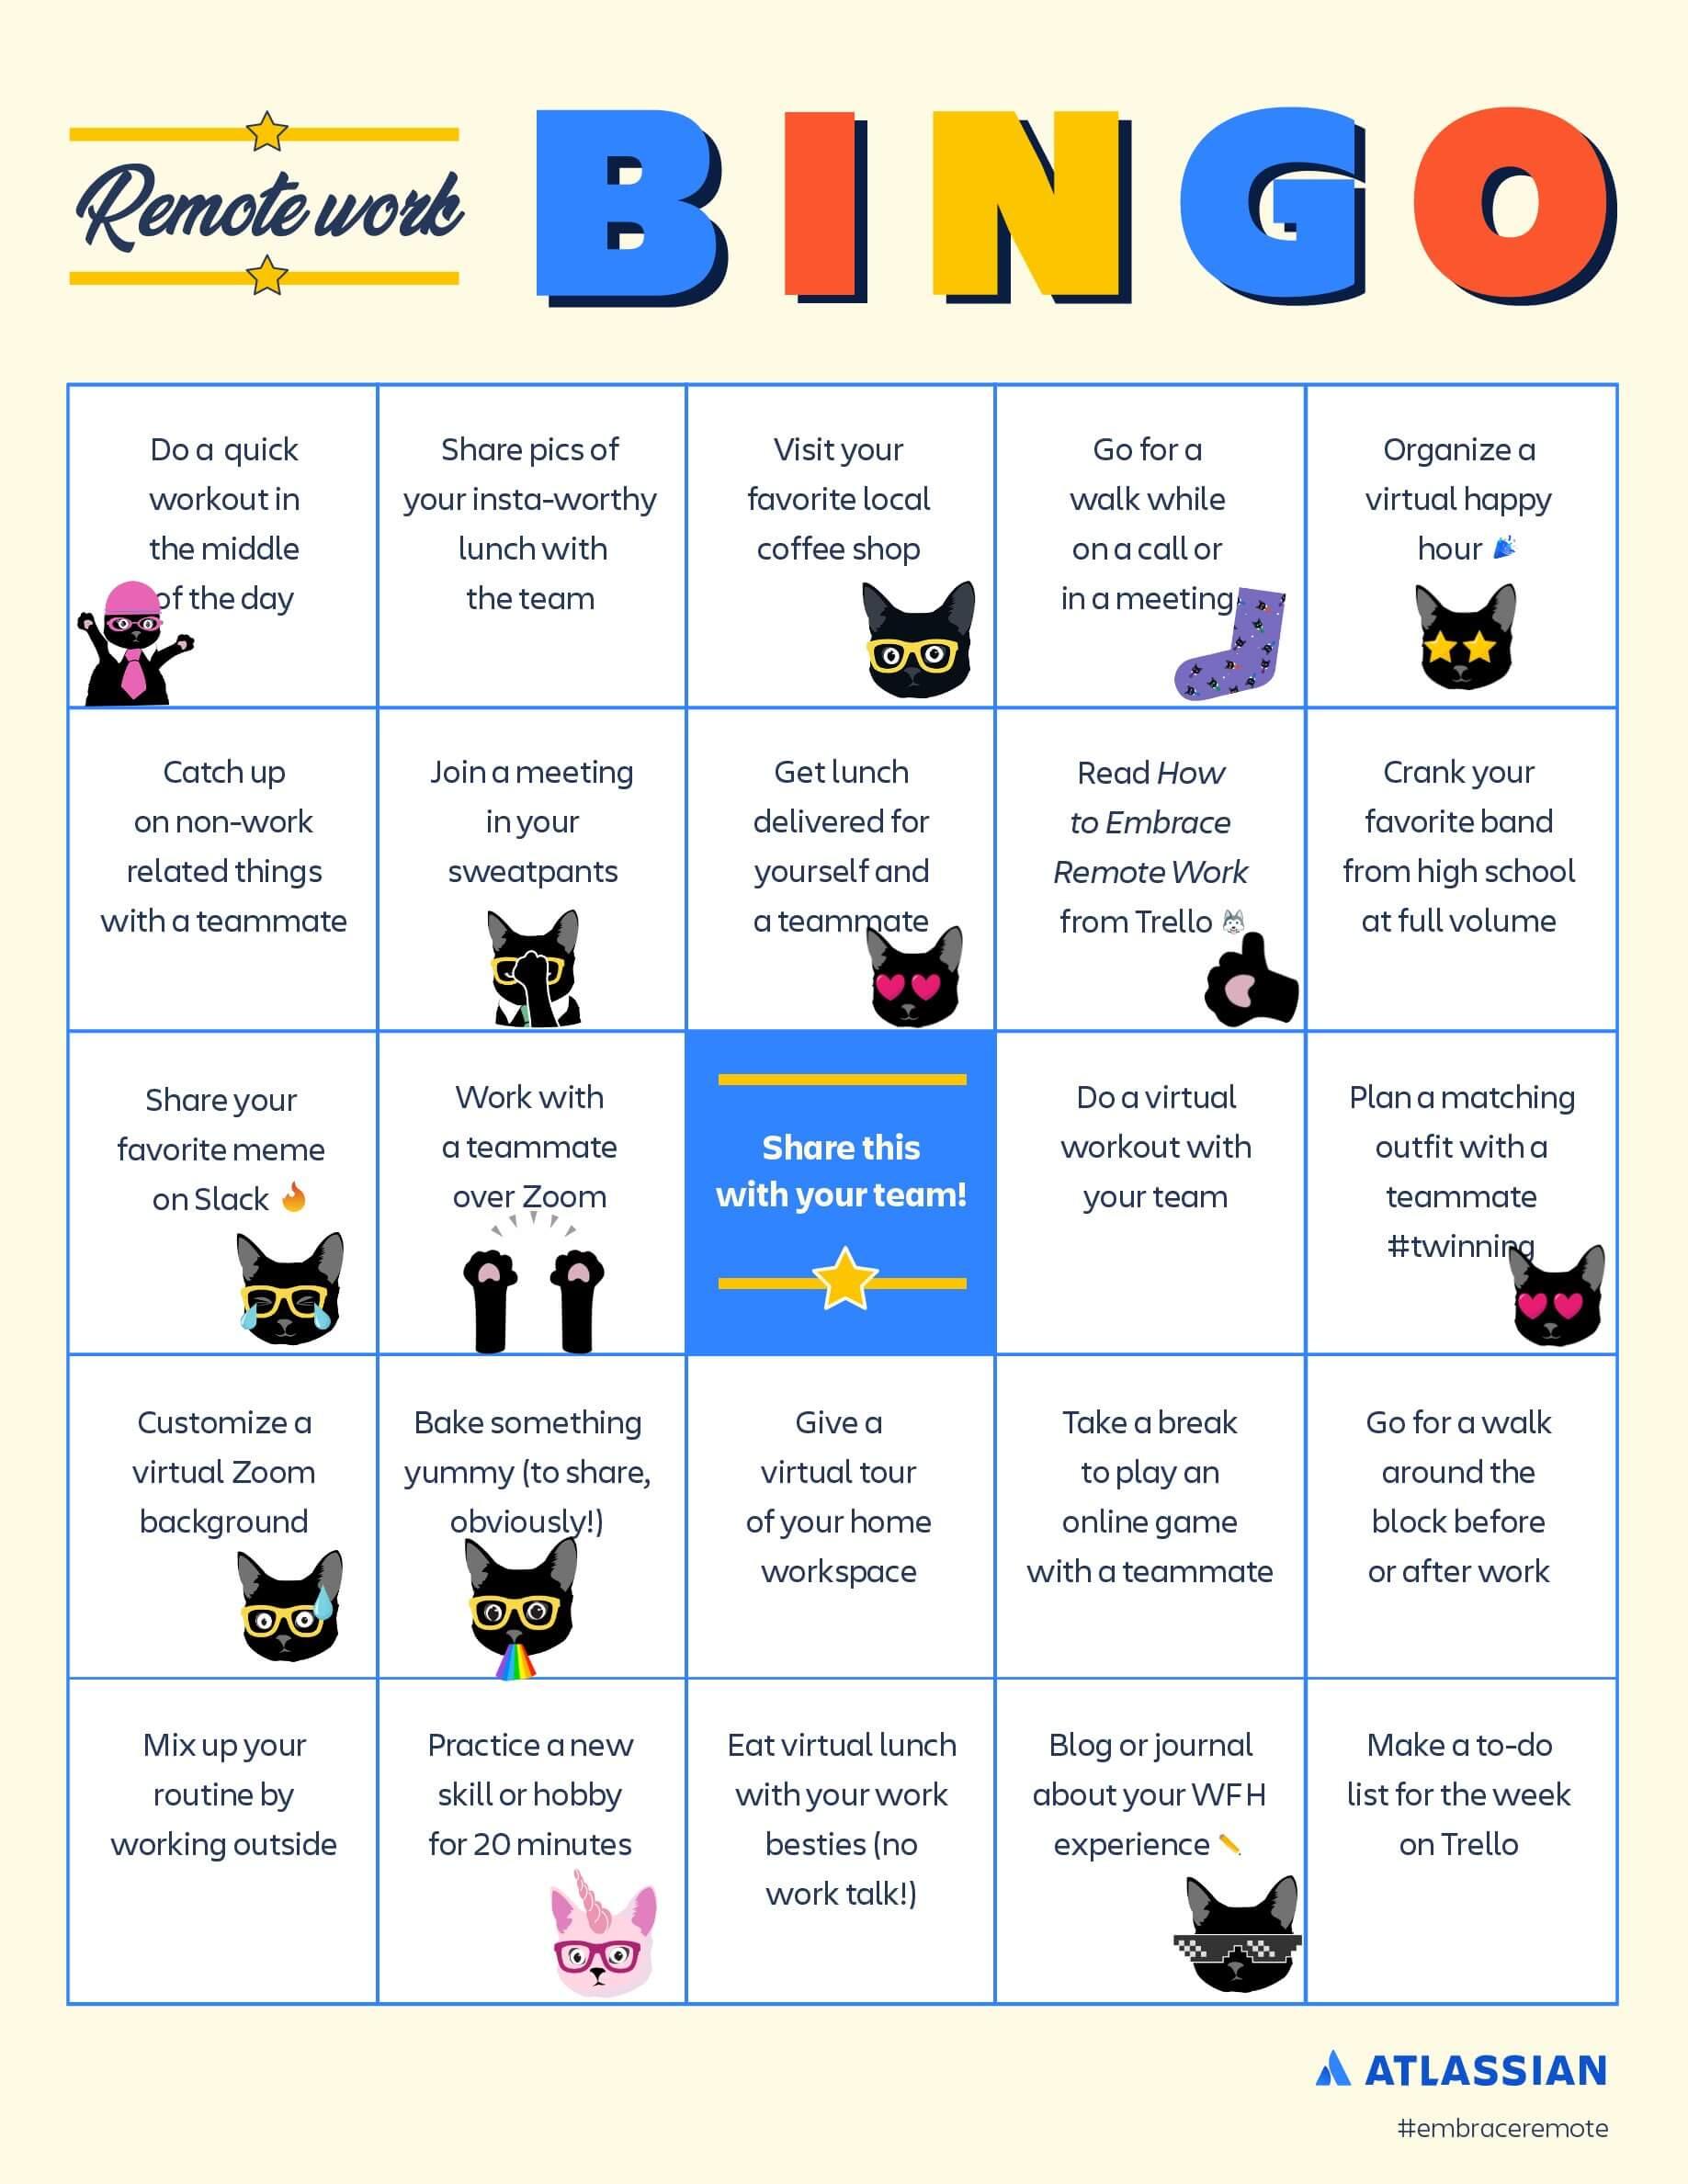 atlassian-bingo-klaus